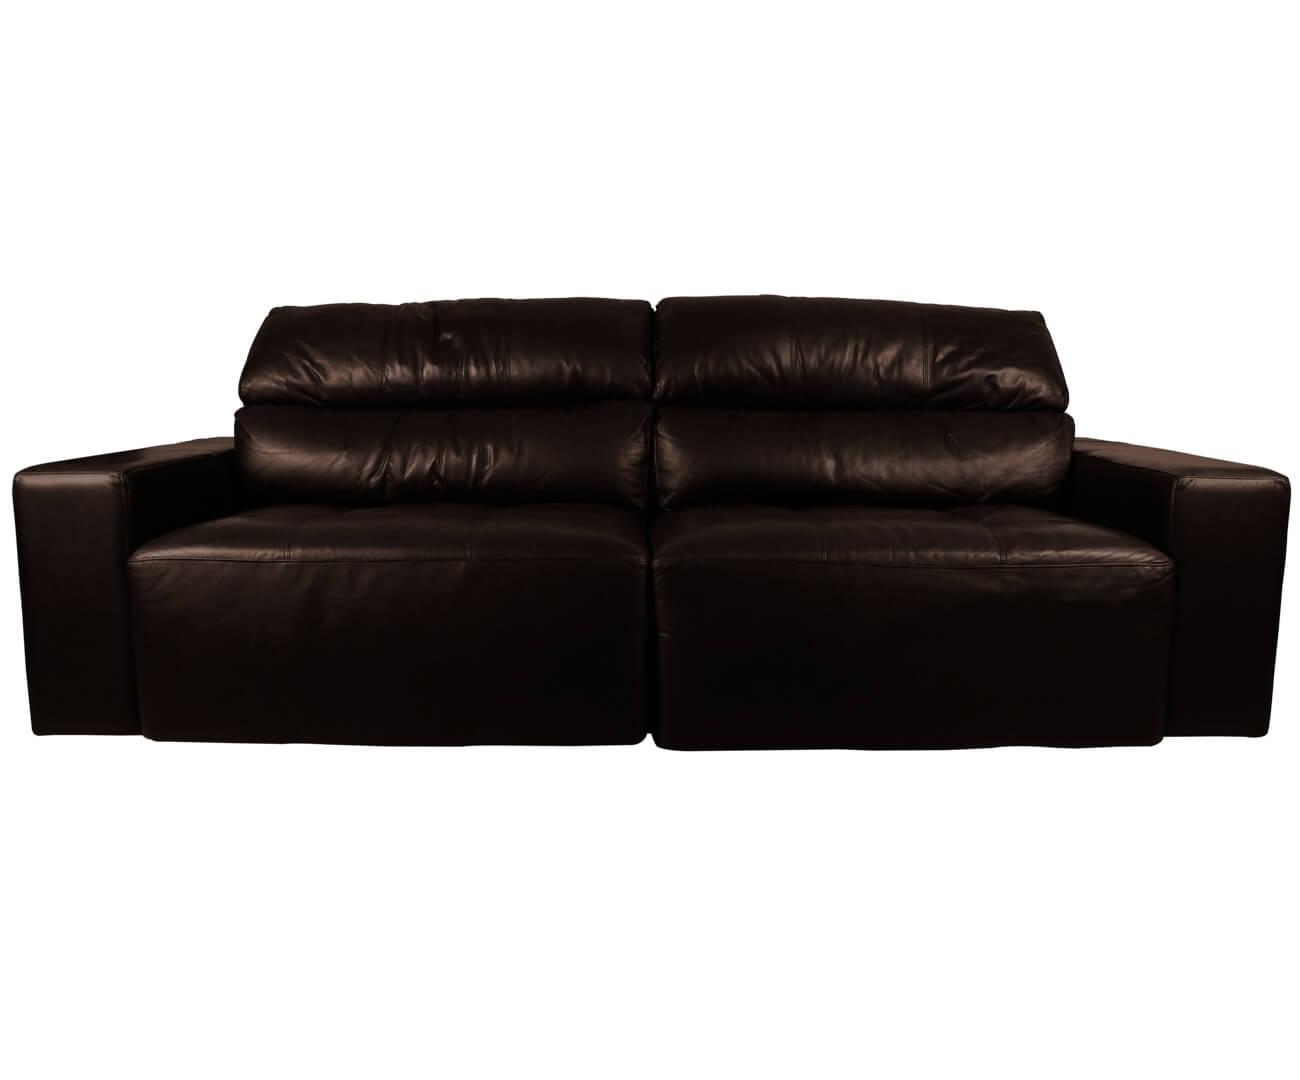 sofá 4 lugares retrátil em couro natural london 0247